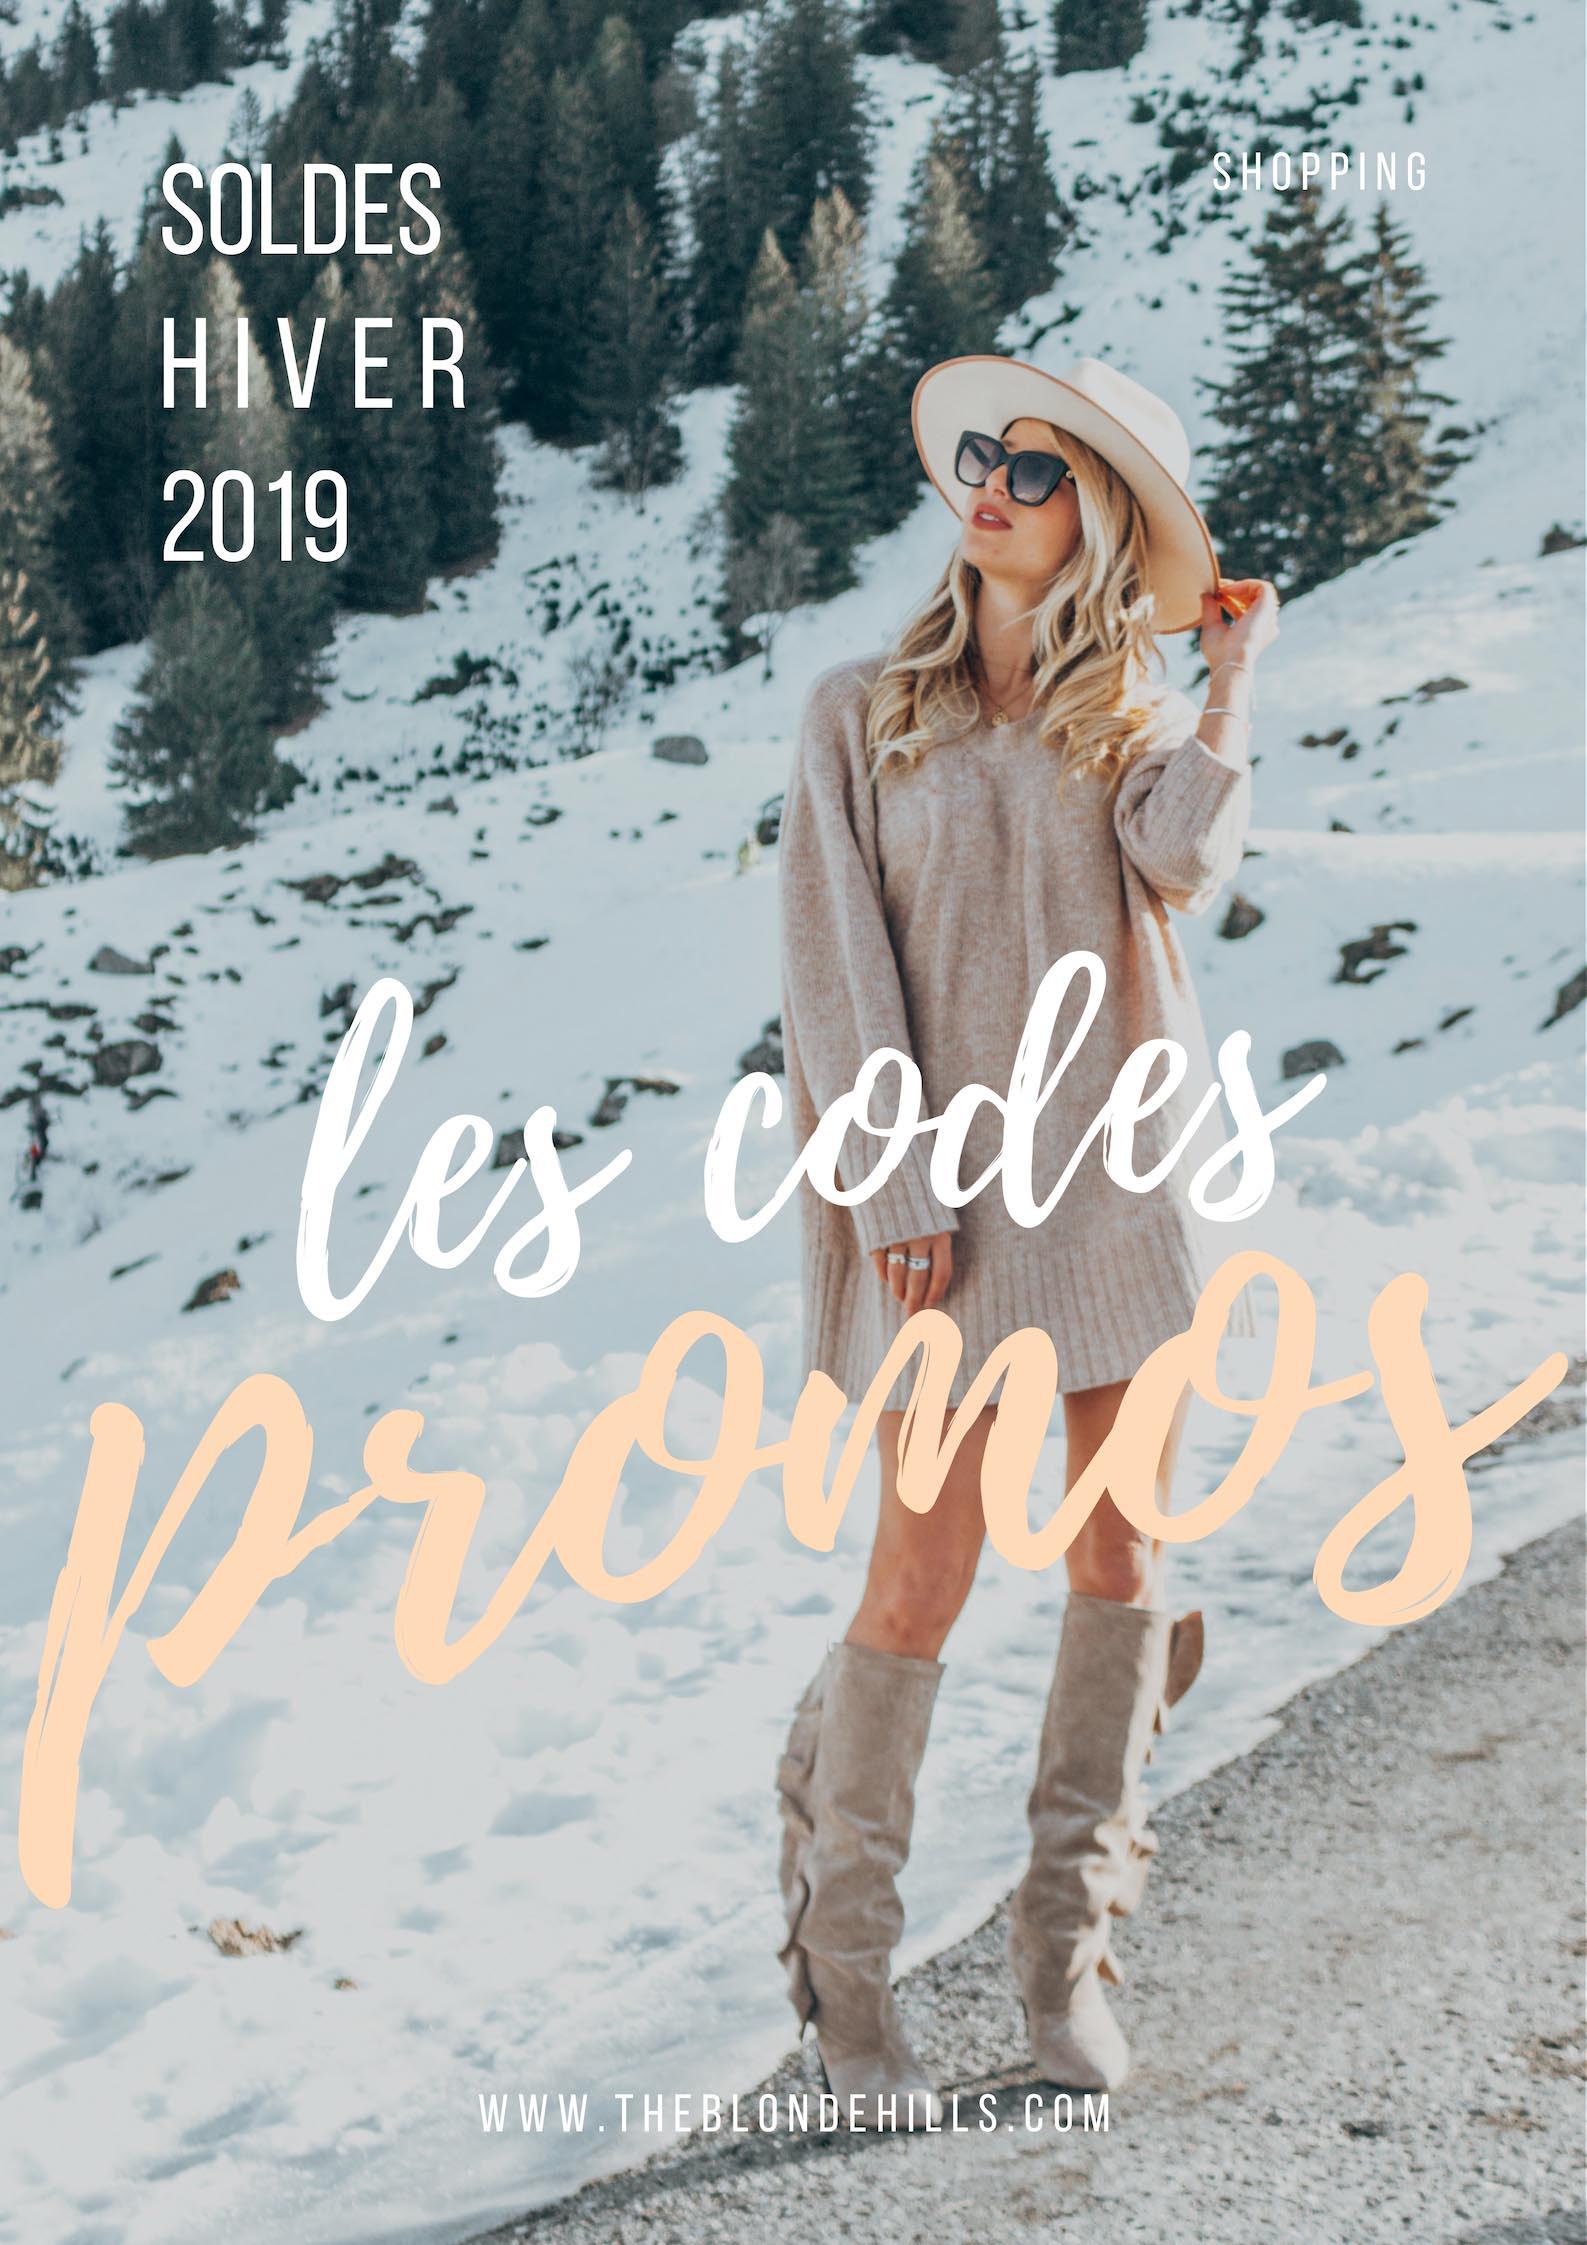 Soldes 2019 : les codes promos !